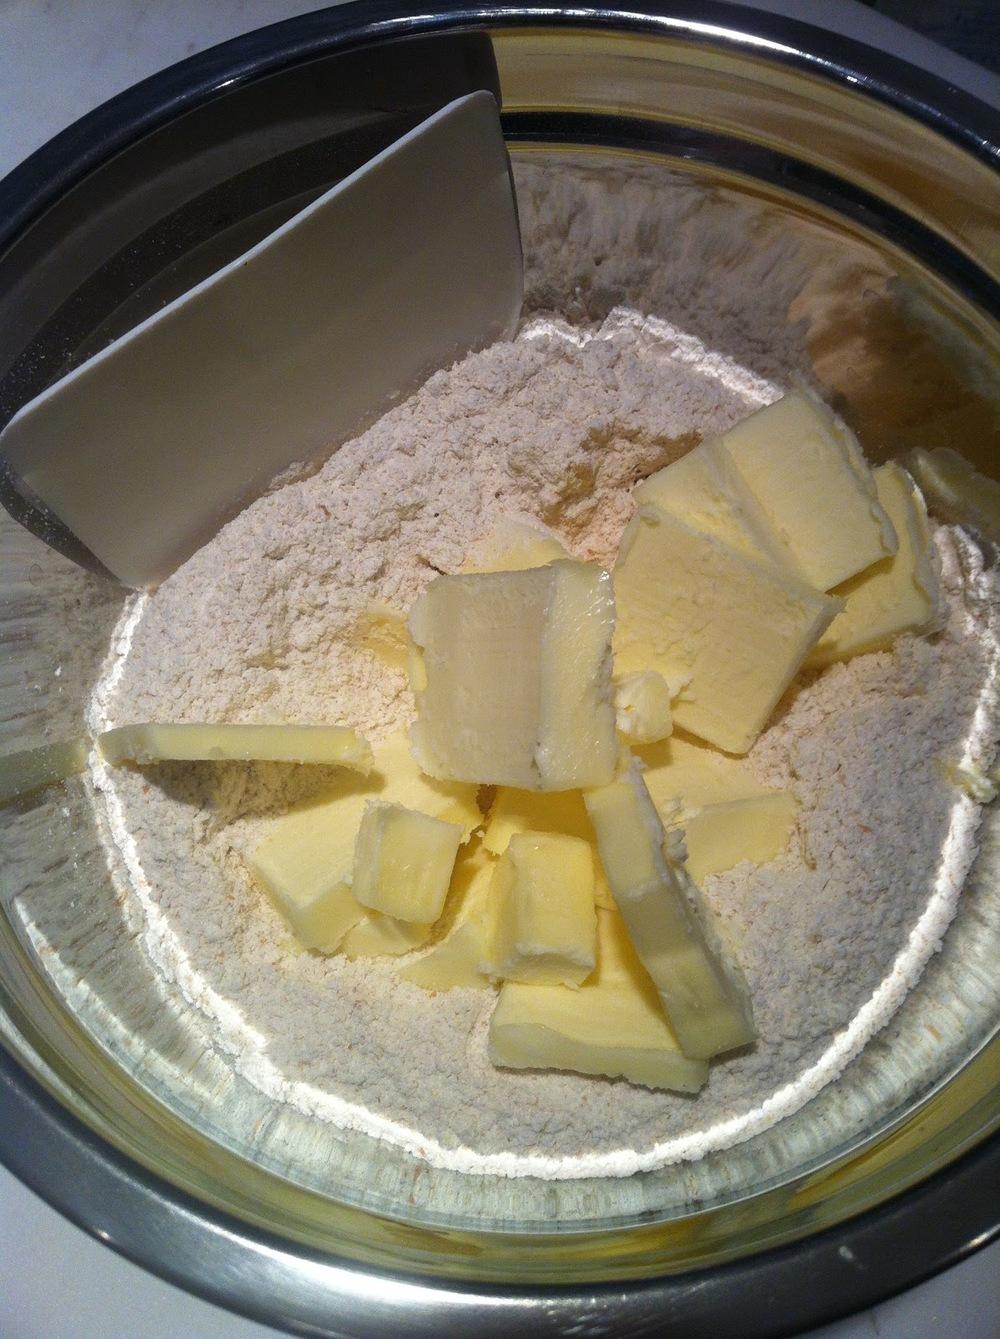 Misture os ingredientes secos numa tigela grande e alta. Corte os tabletes de manteiga em pedaços pequenos e junte-os aos secos.